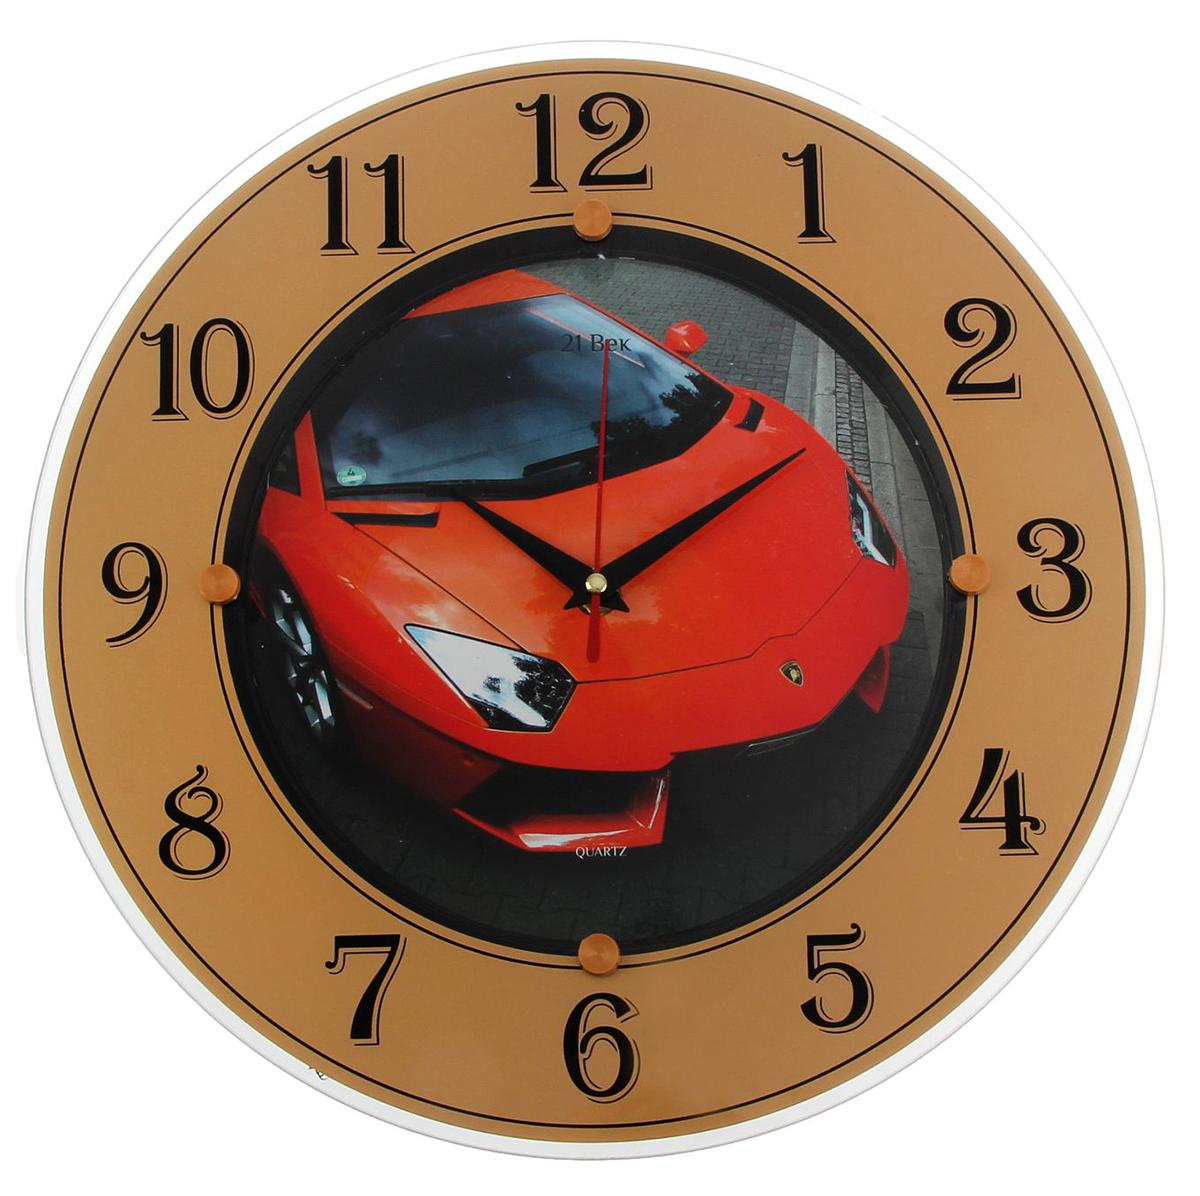 Часы настенные 21 Век Ламборджини, диаметр 32 см ламборджини авентадор купить в россии